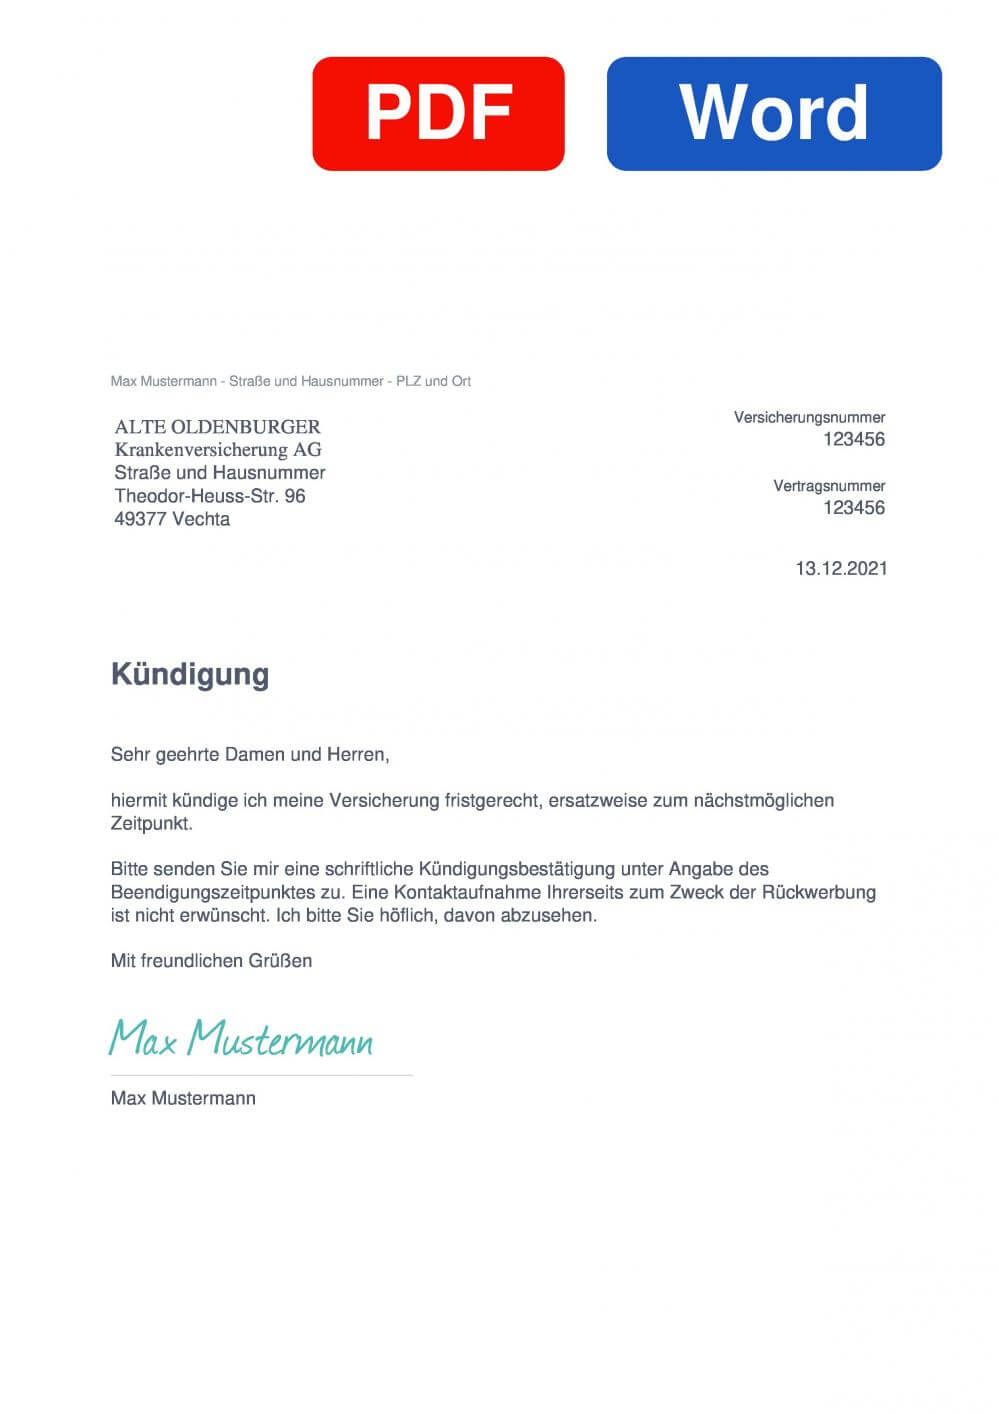 ALTE OLDENBURGER Muster Vorlage für Kündigungsschreiben